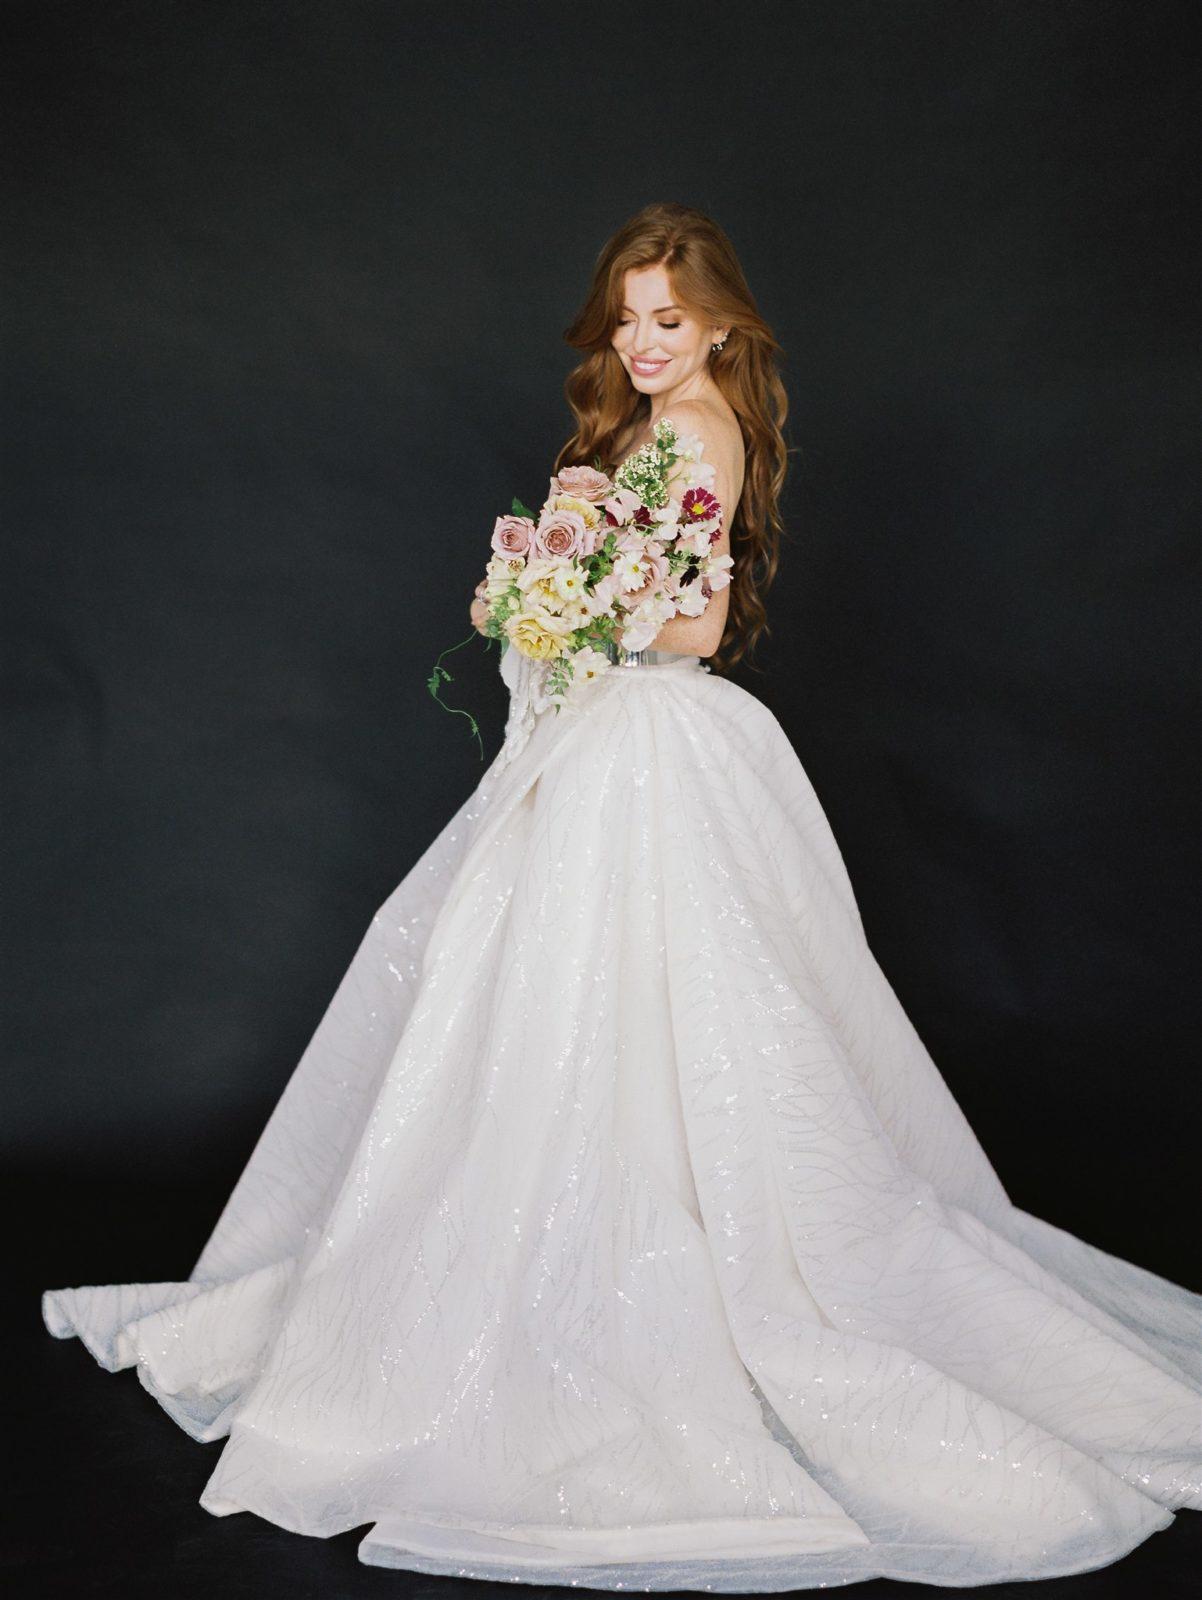 Galia Lahav Wedding Dress Design